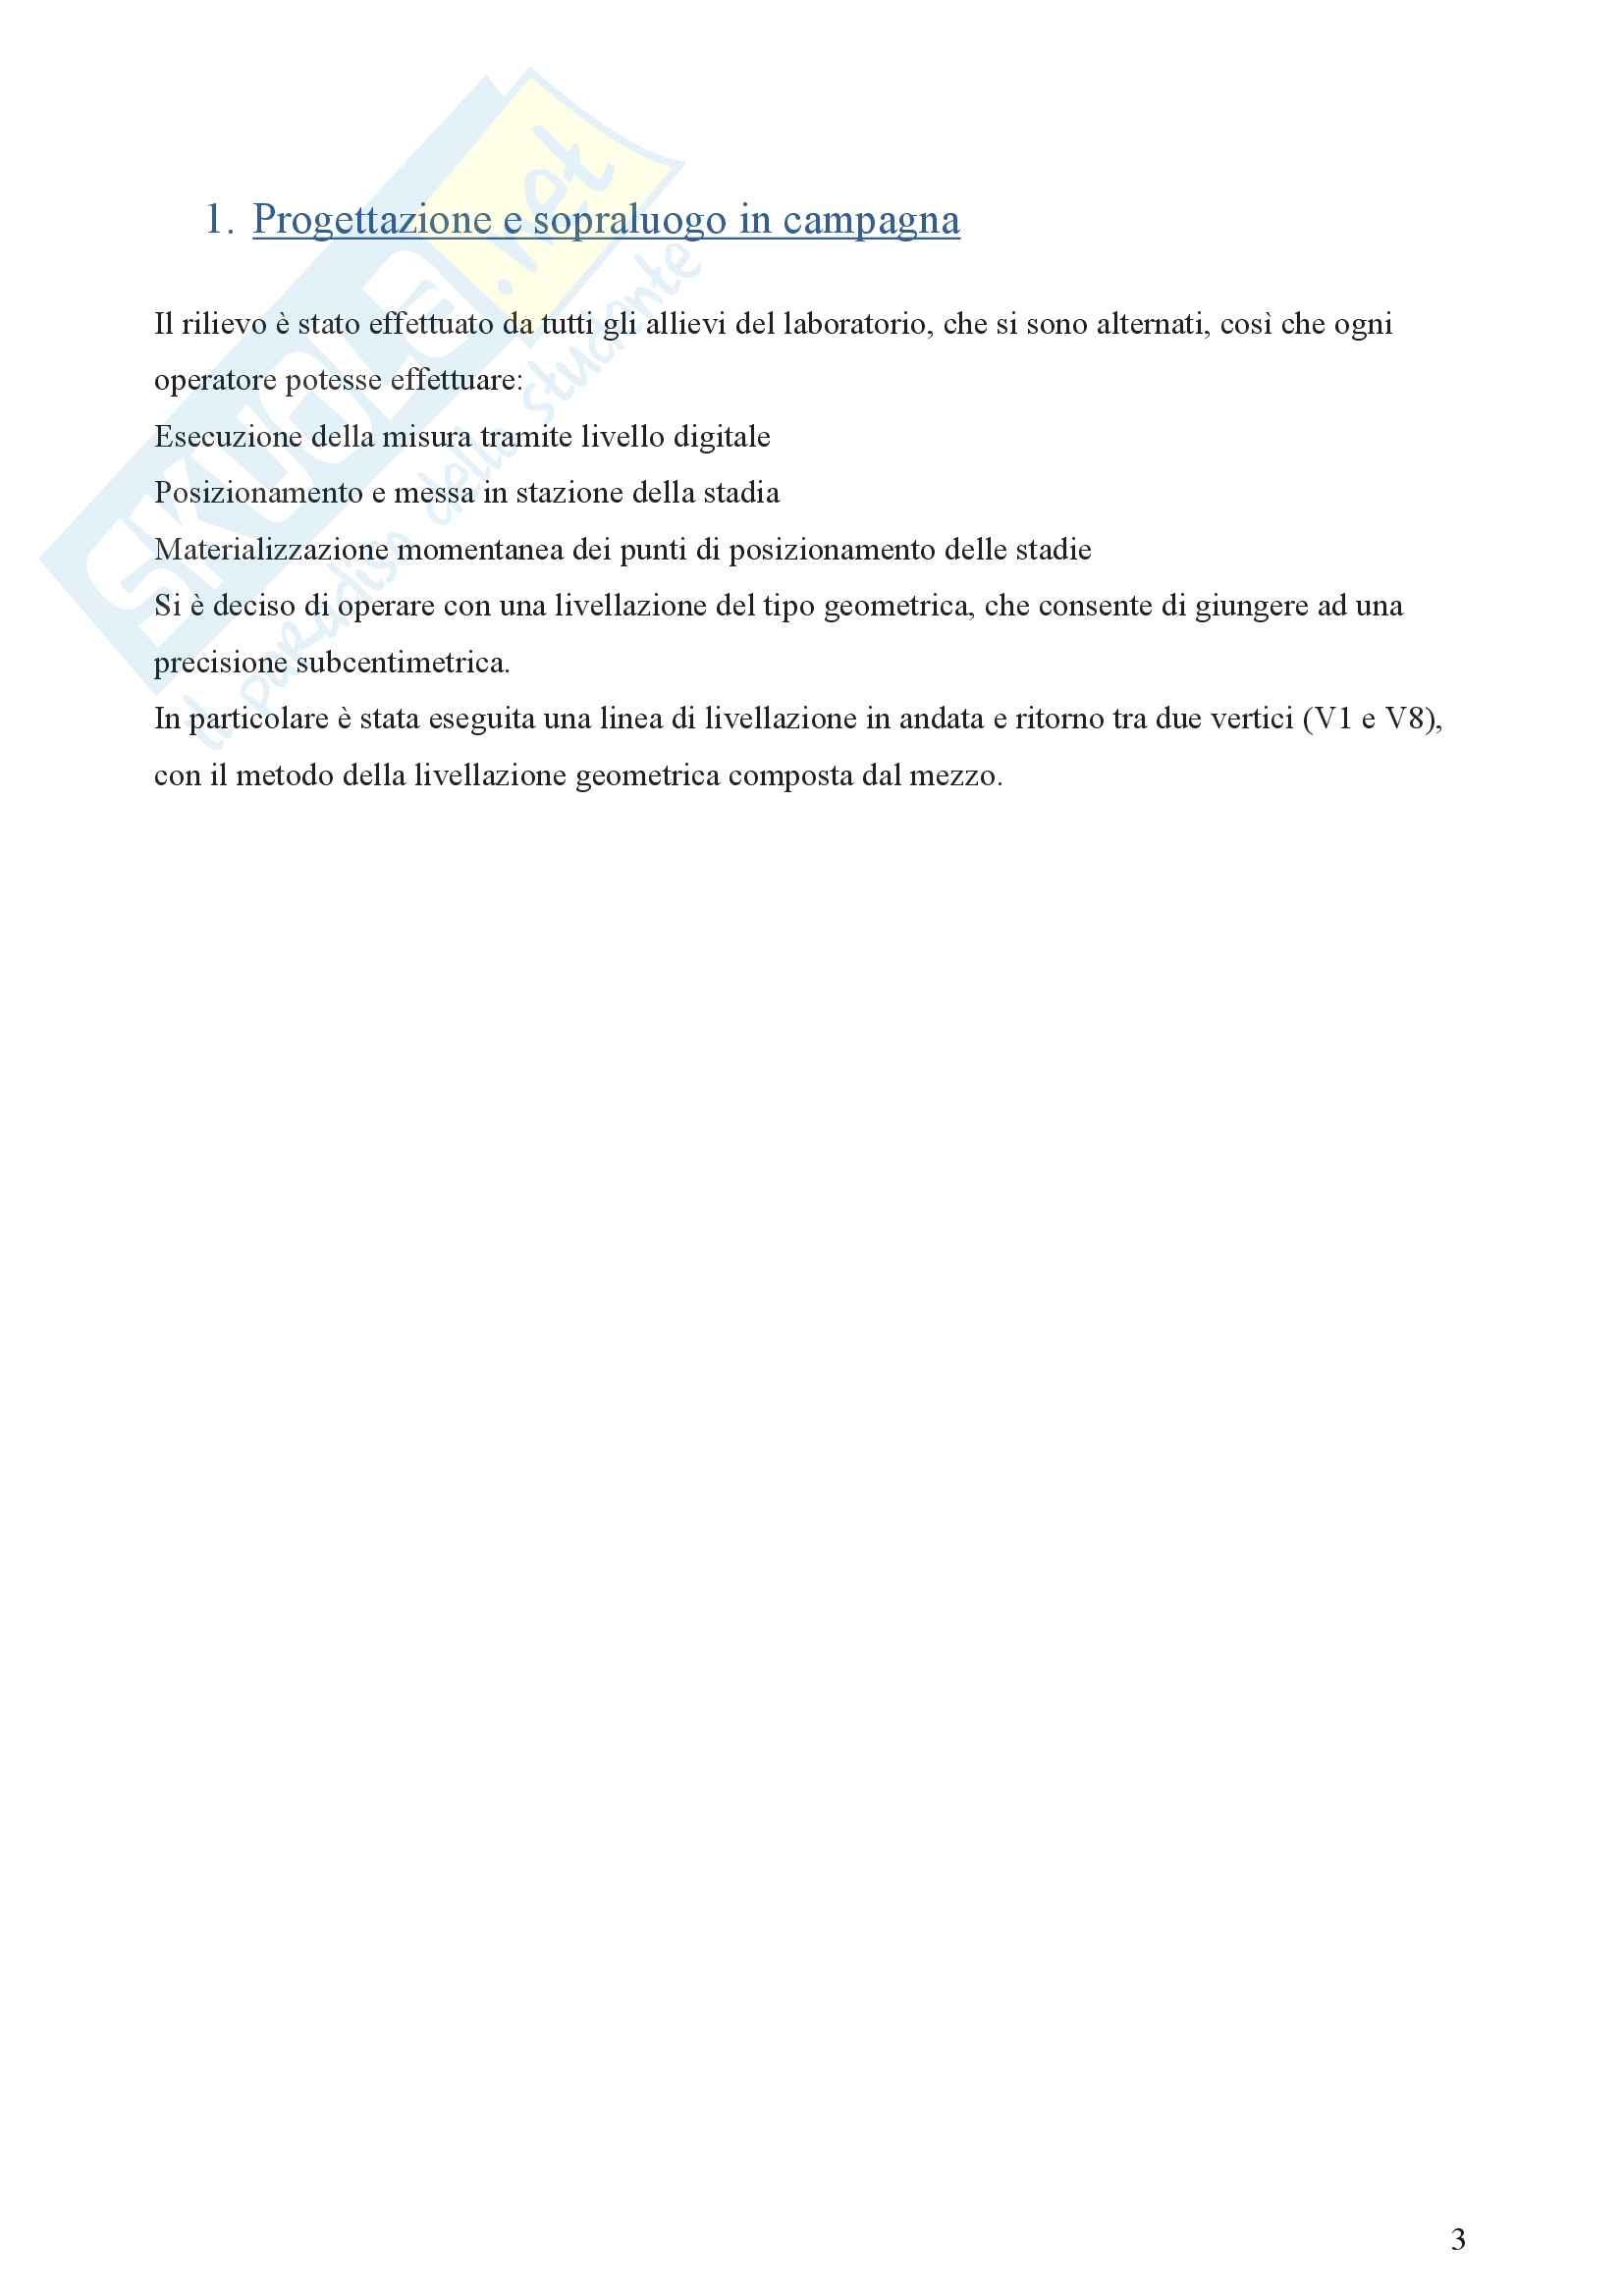 Livellazione geometrica composta dal mezzo Pag. 2